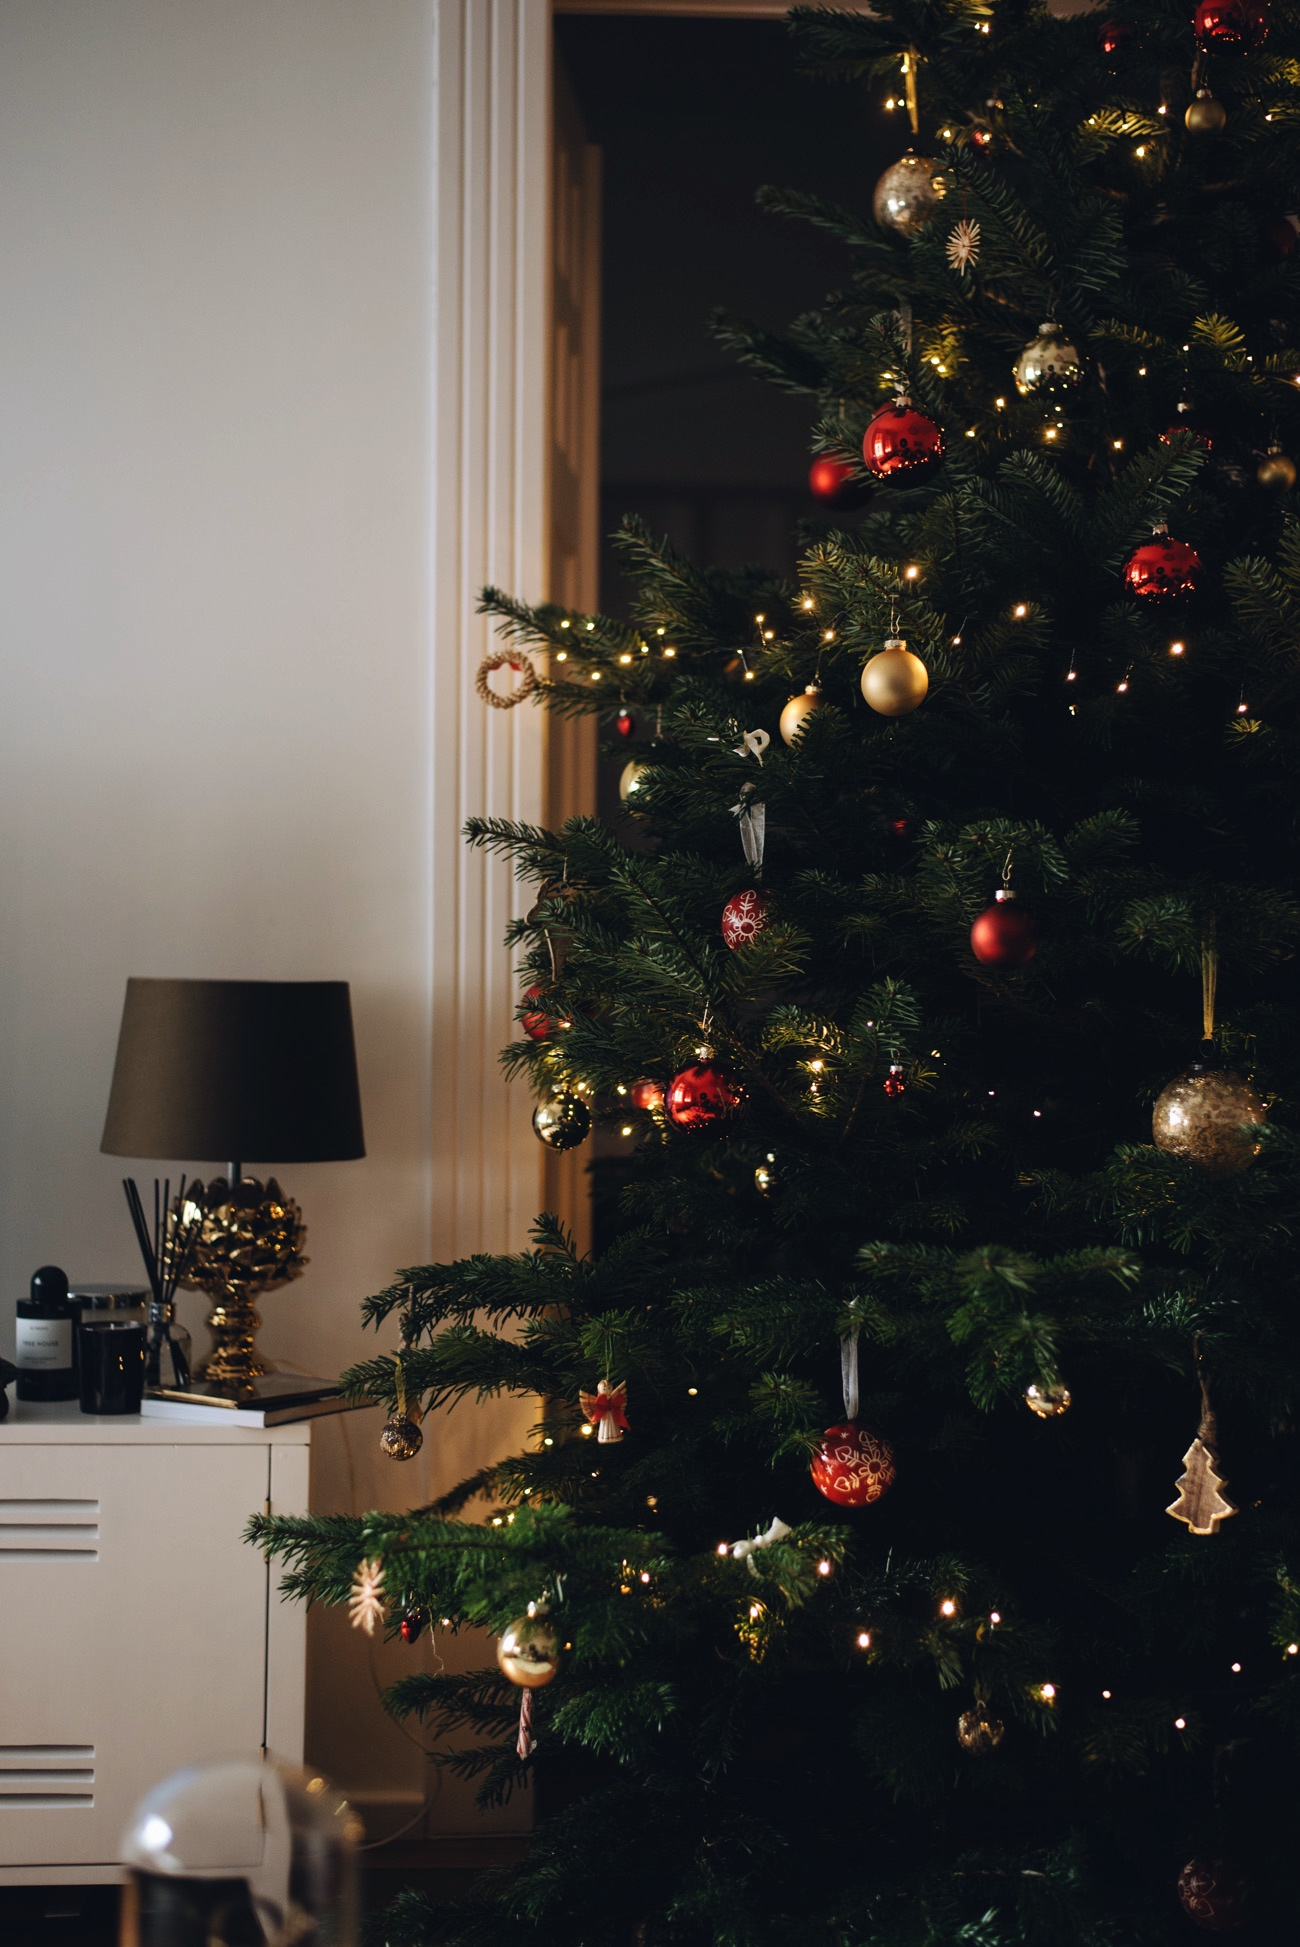 weihnachtsbaum-deko-ideen-2017-klassisch-gold-tor-tannenbaum-schmuck-fashiioncarpet-nina-schwichtenberg